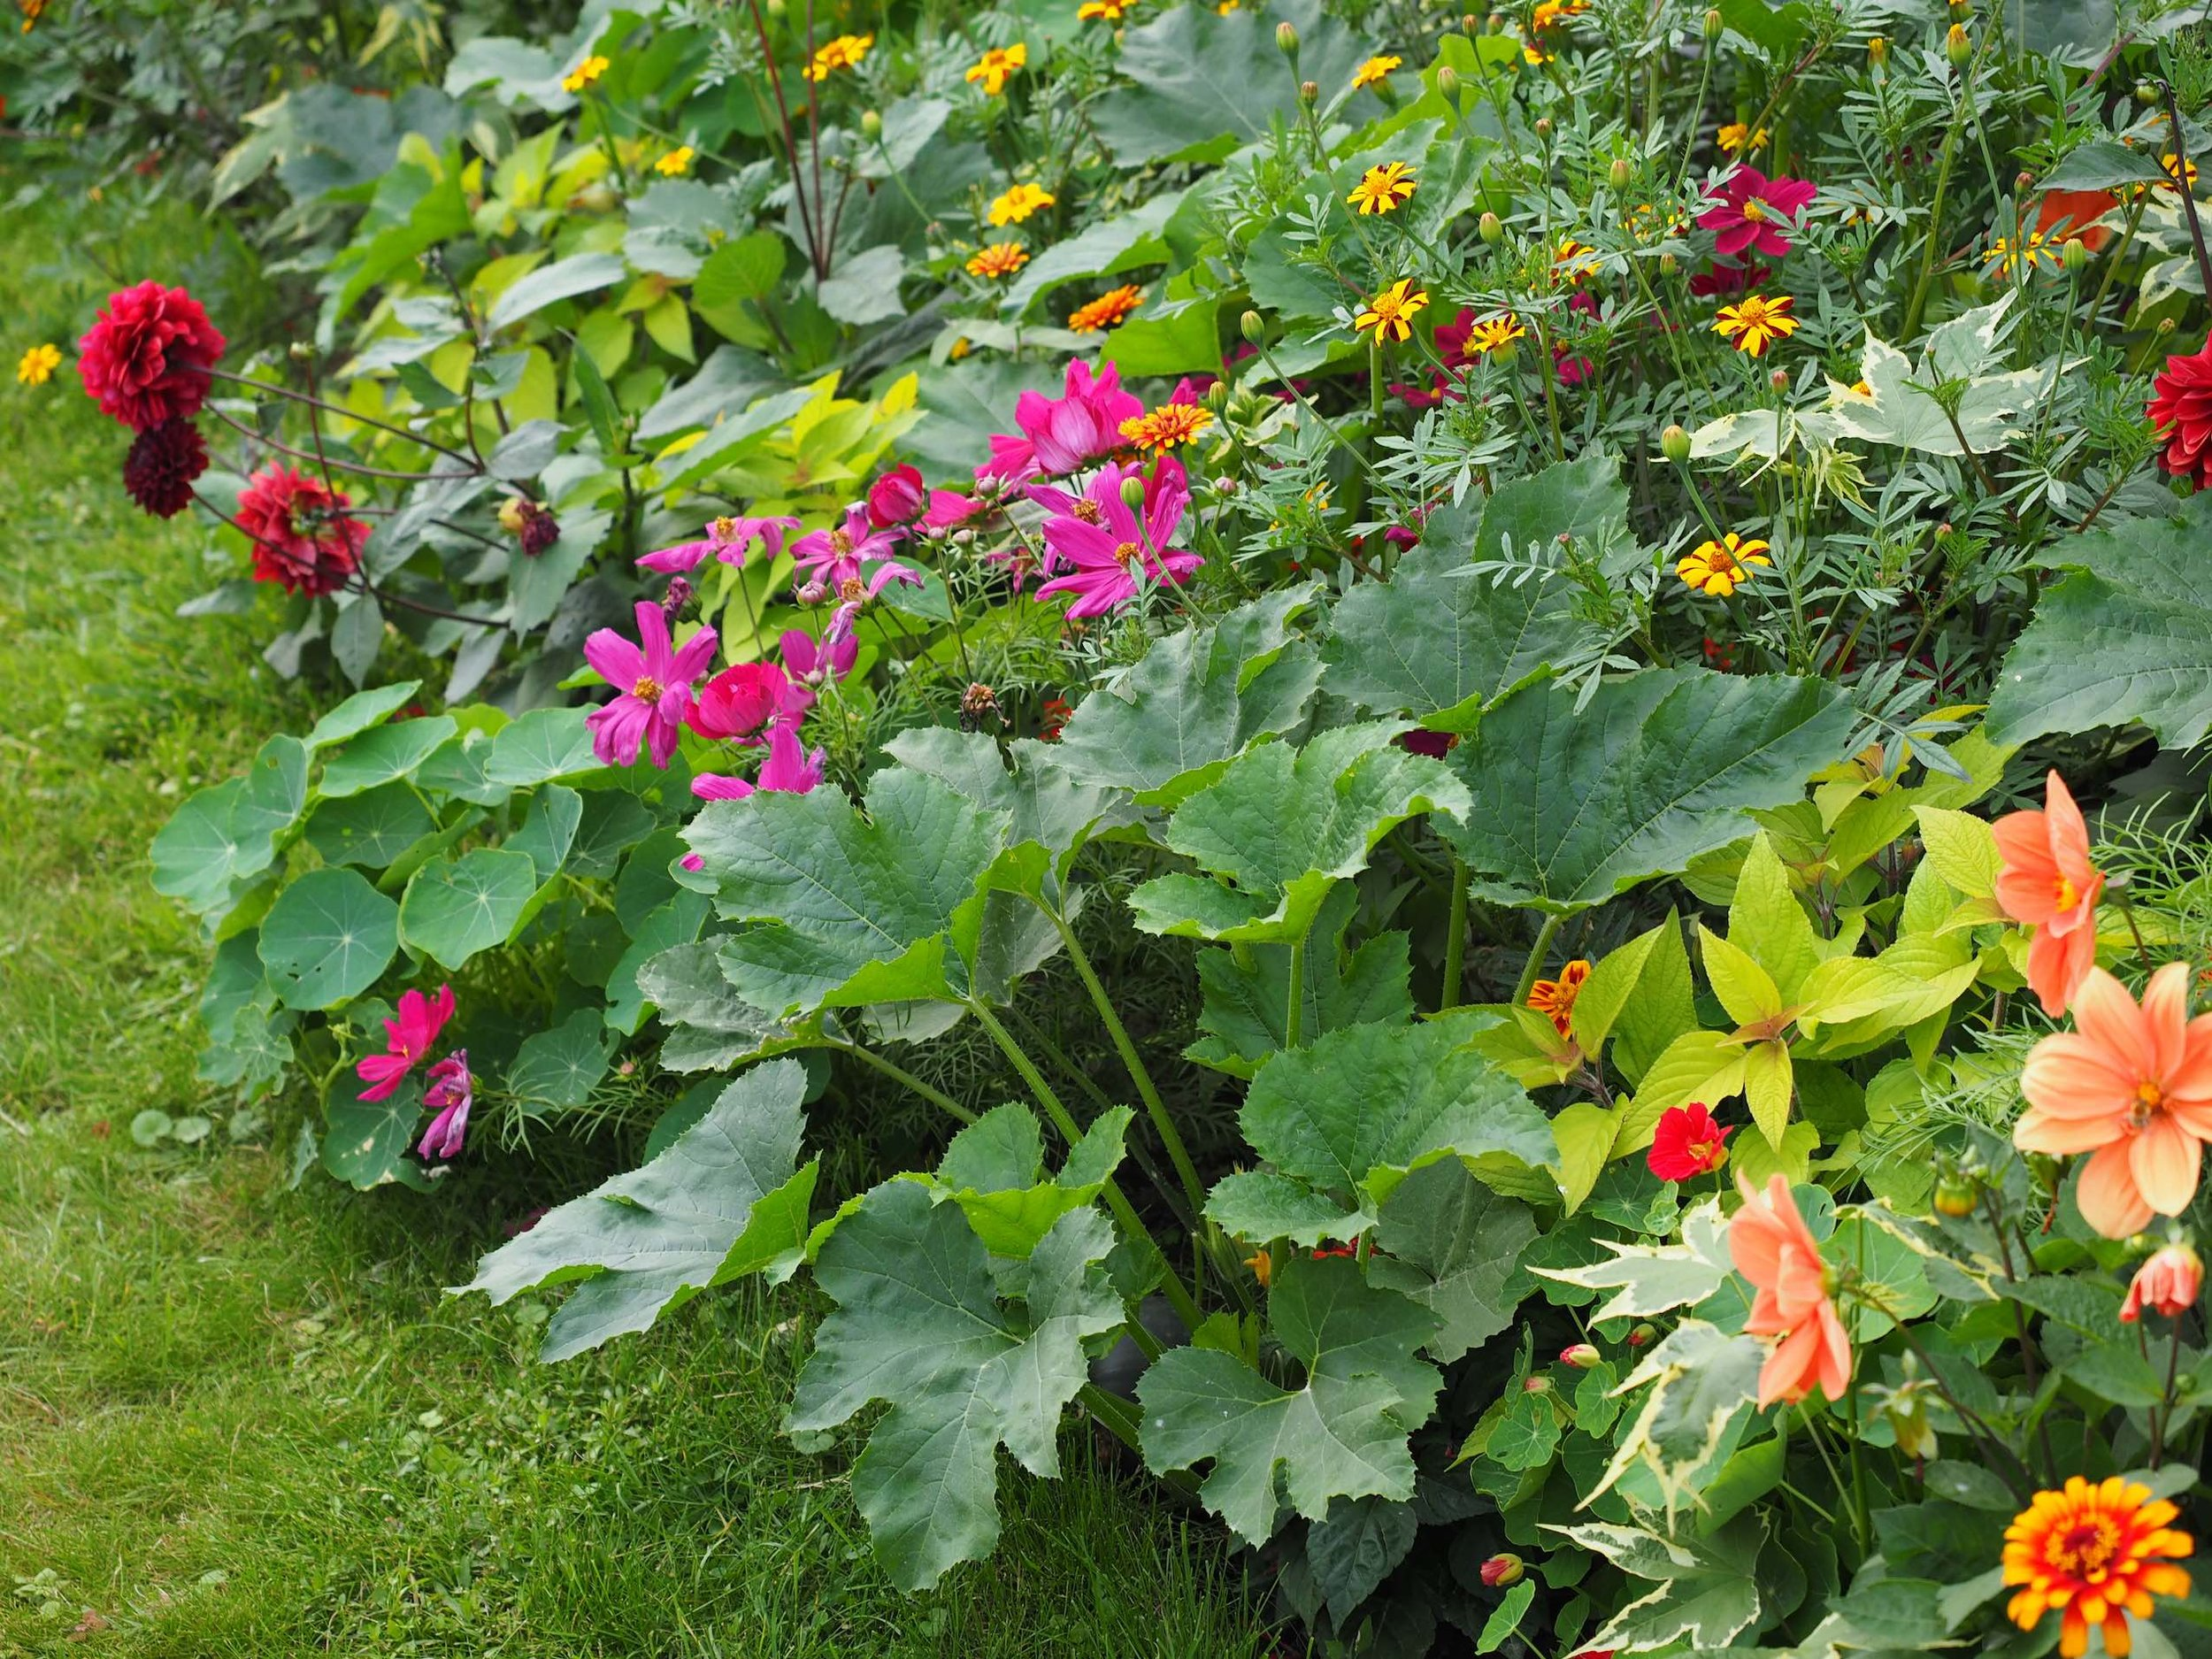 garden for bees.jpg